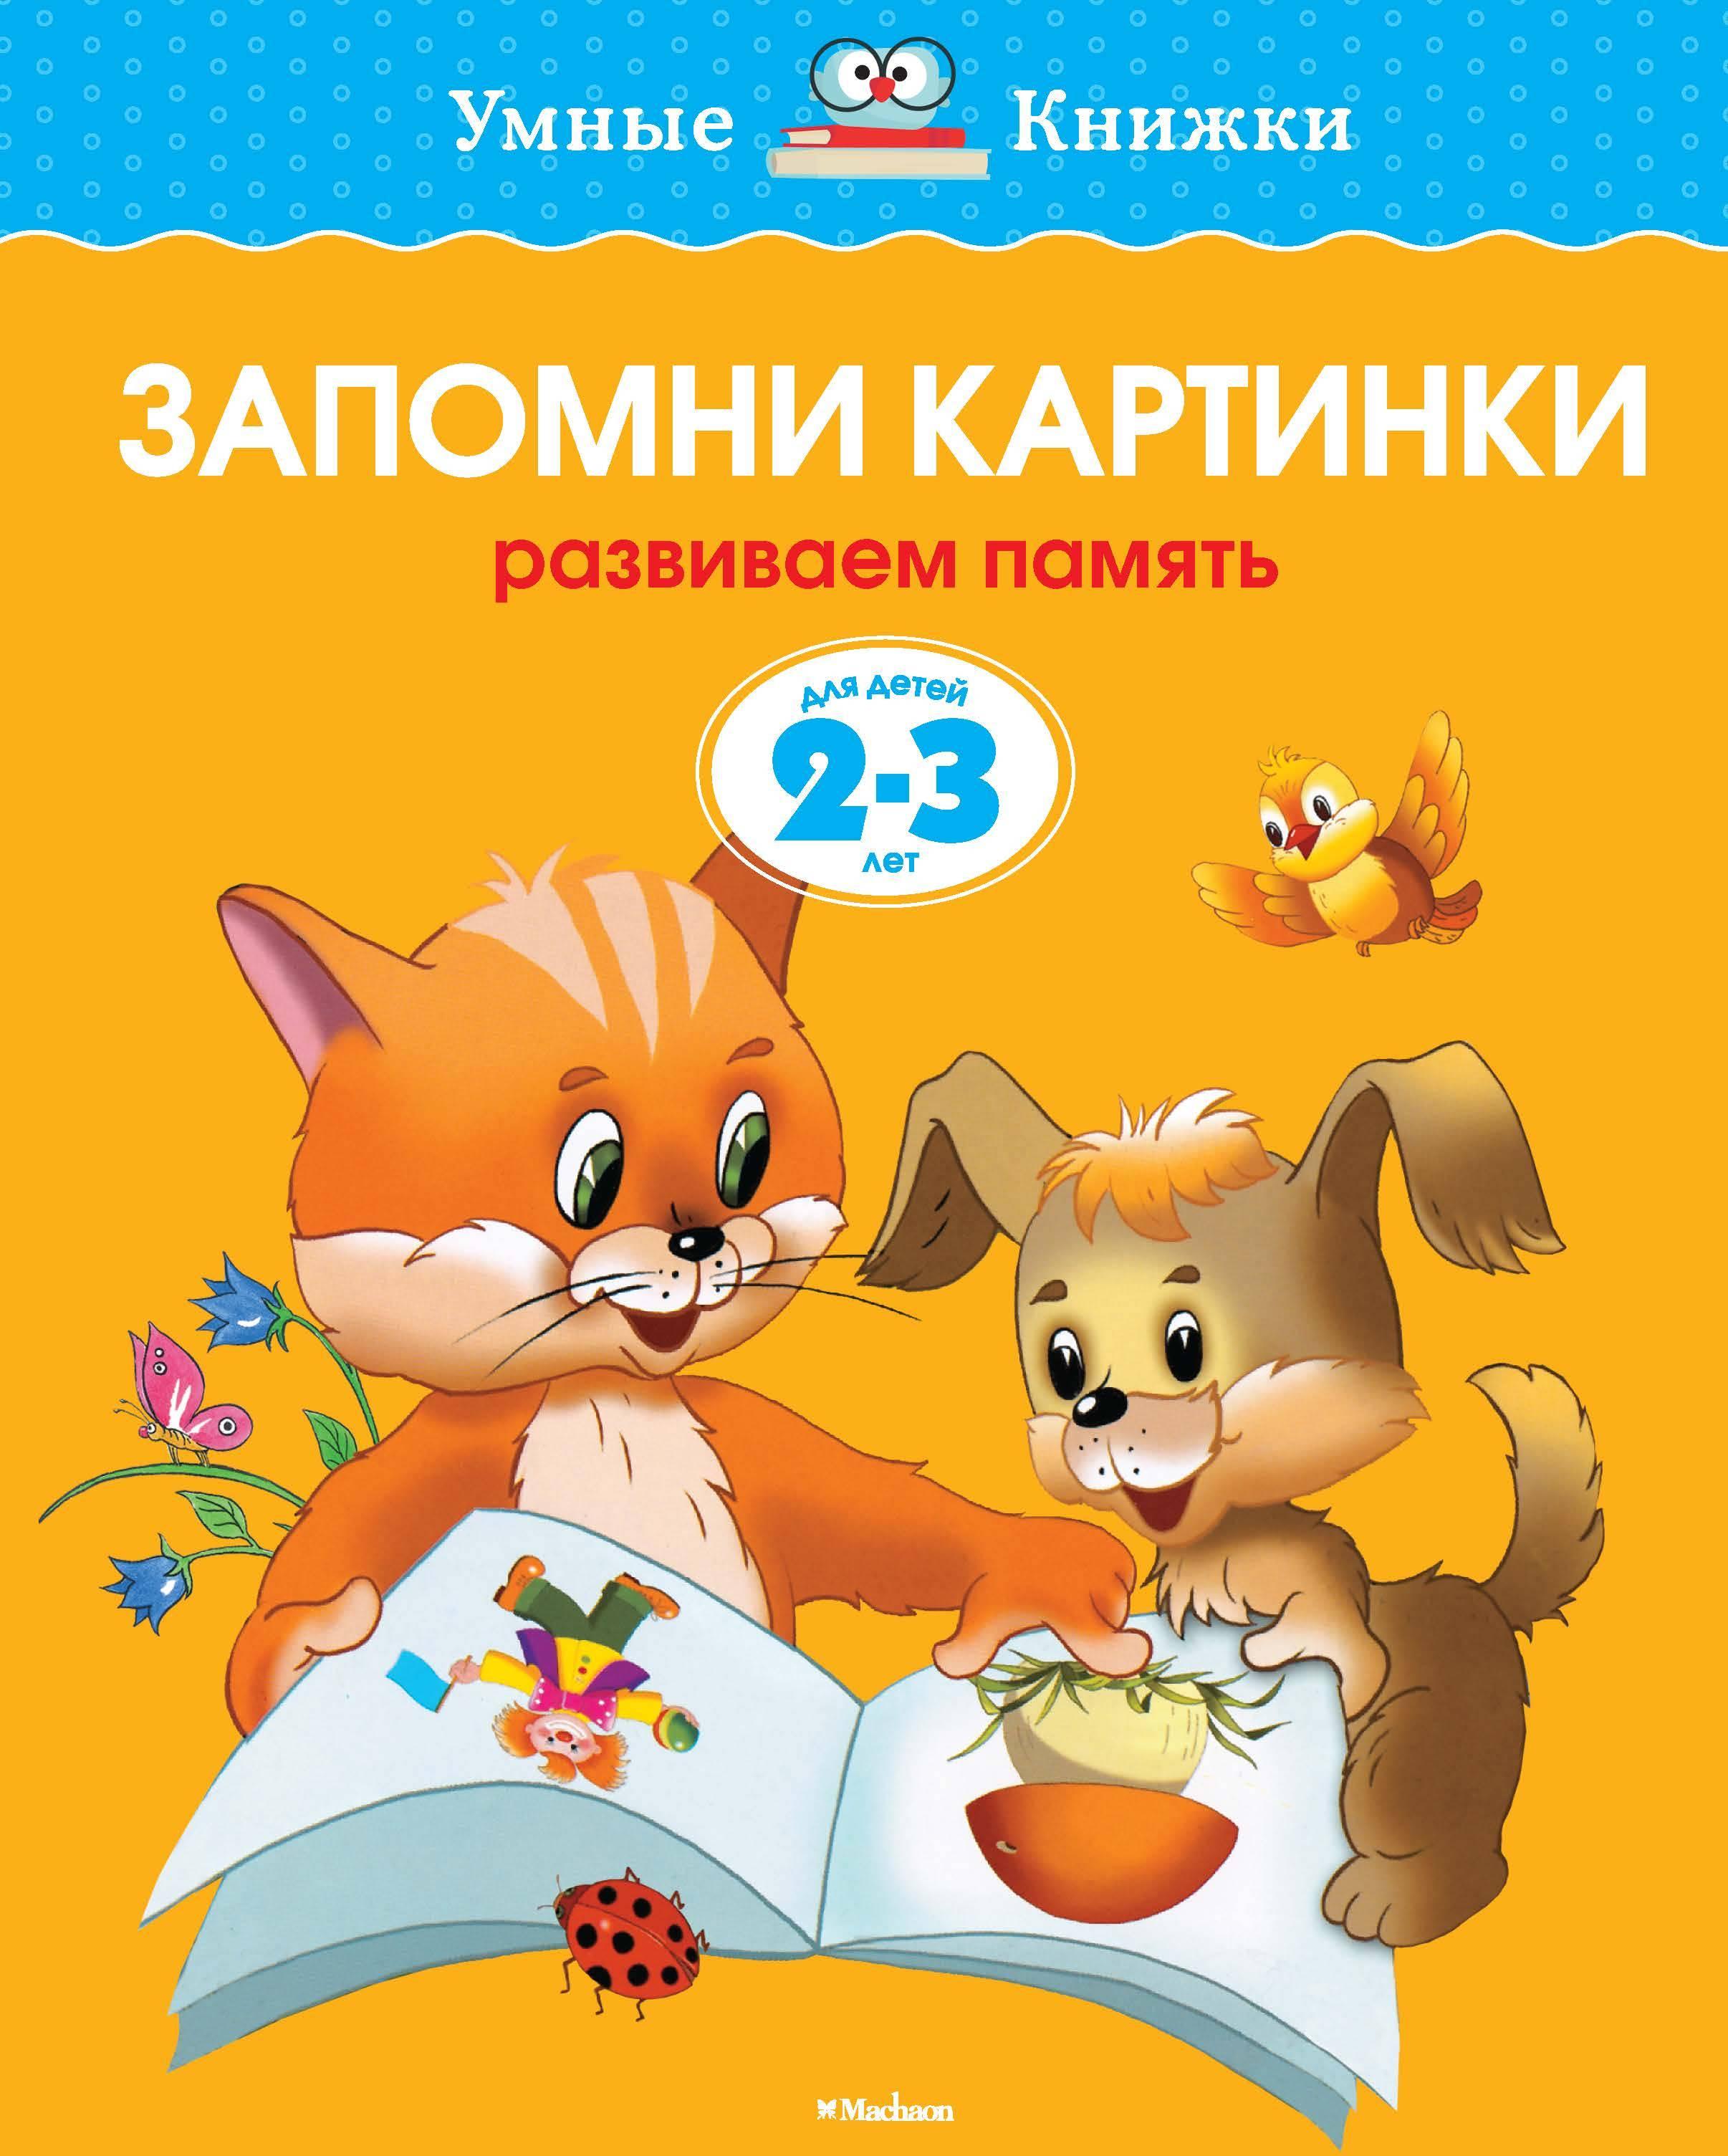 Книги–друзья: список детской литературы по возрастам